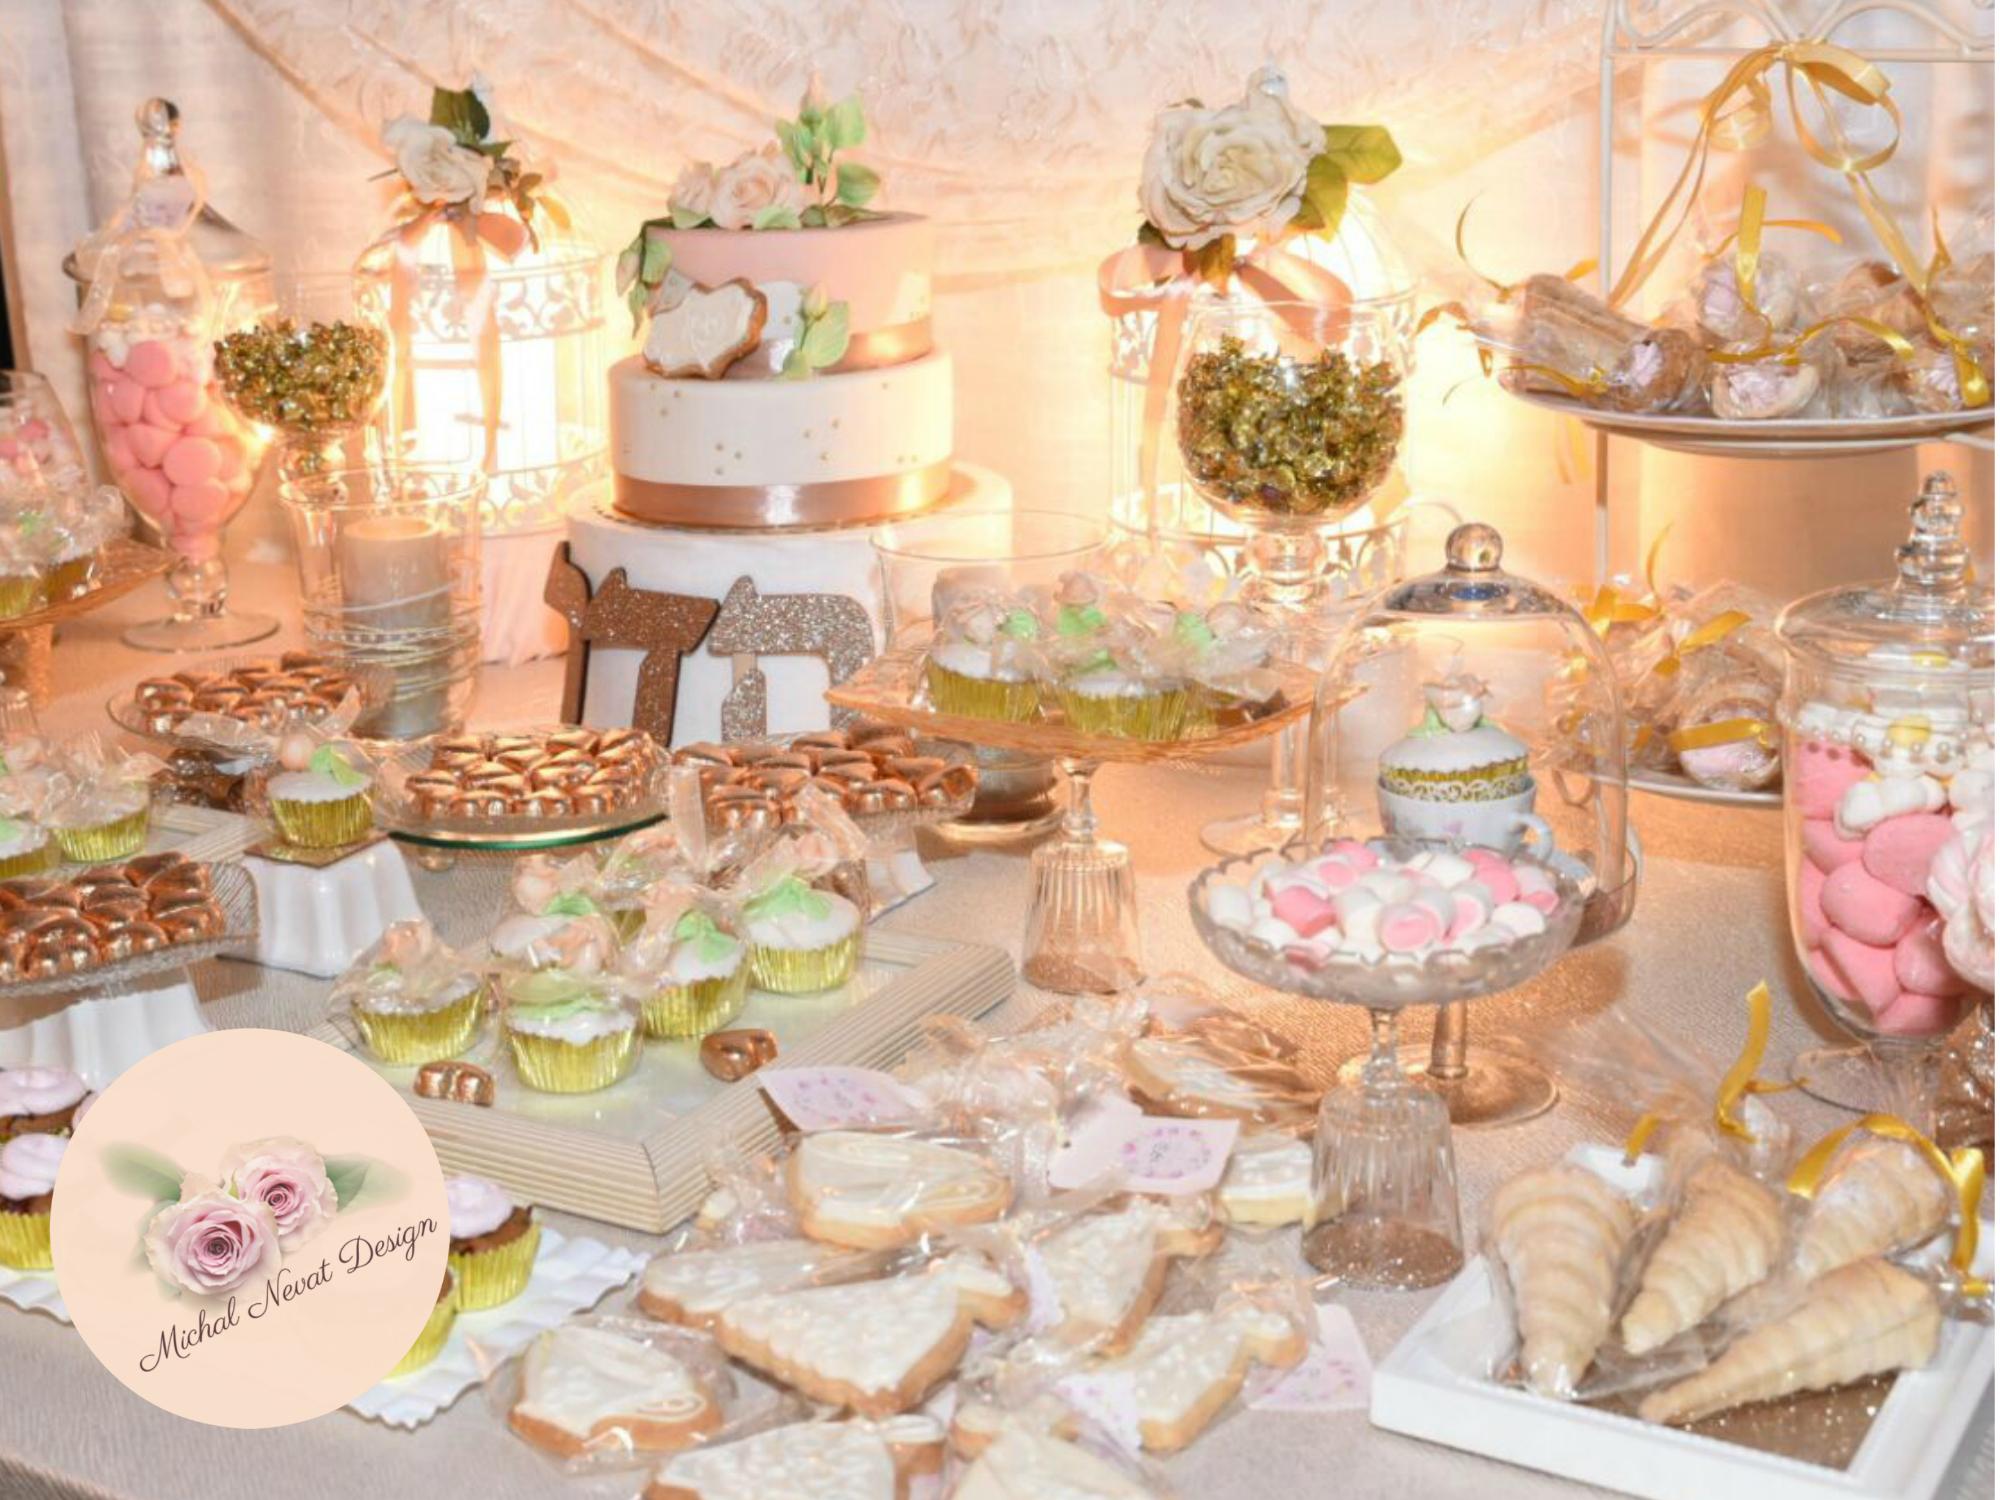 שולחן בר מתוק ליומולדת בנות, שולחן מתוק לבת מצווה